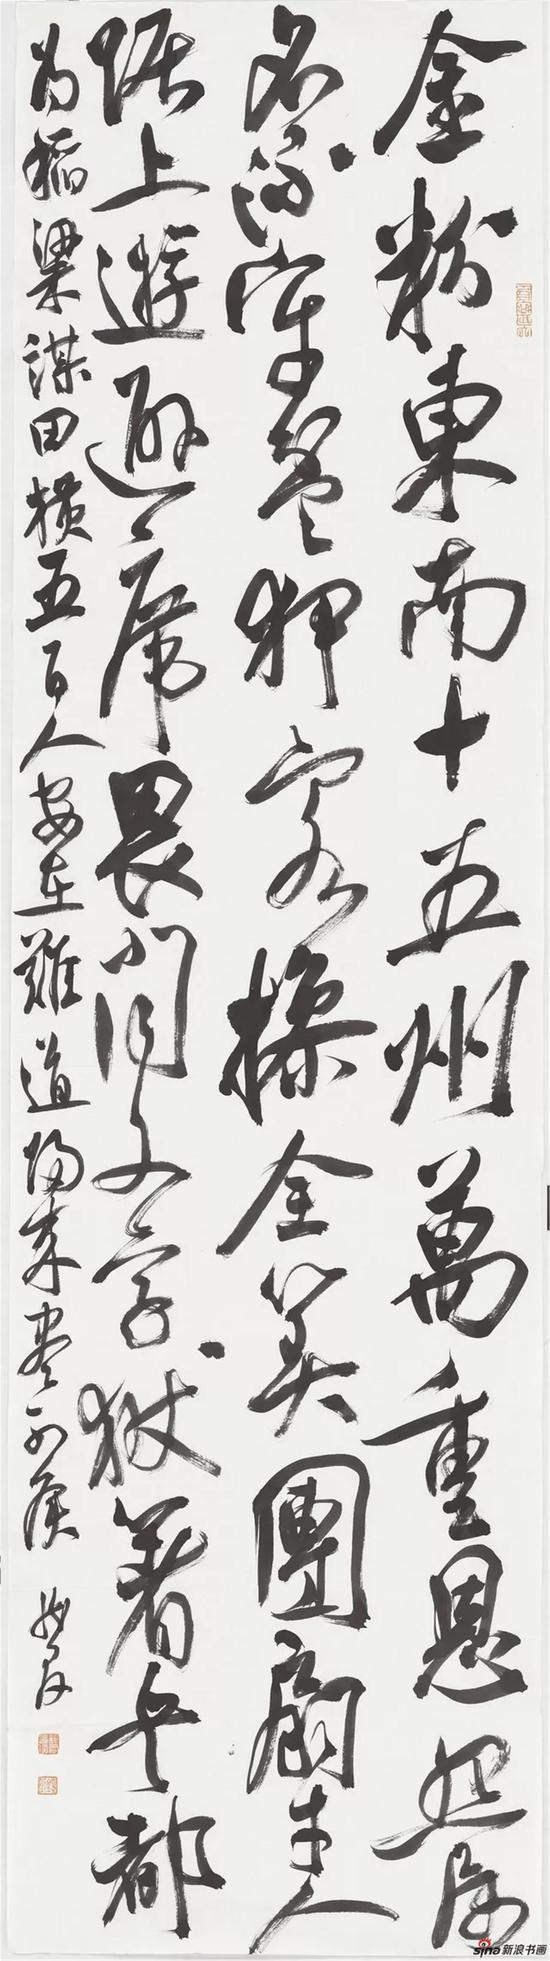 龚自珍《咏史》,纸本,179×48cm,2018年